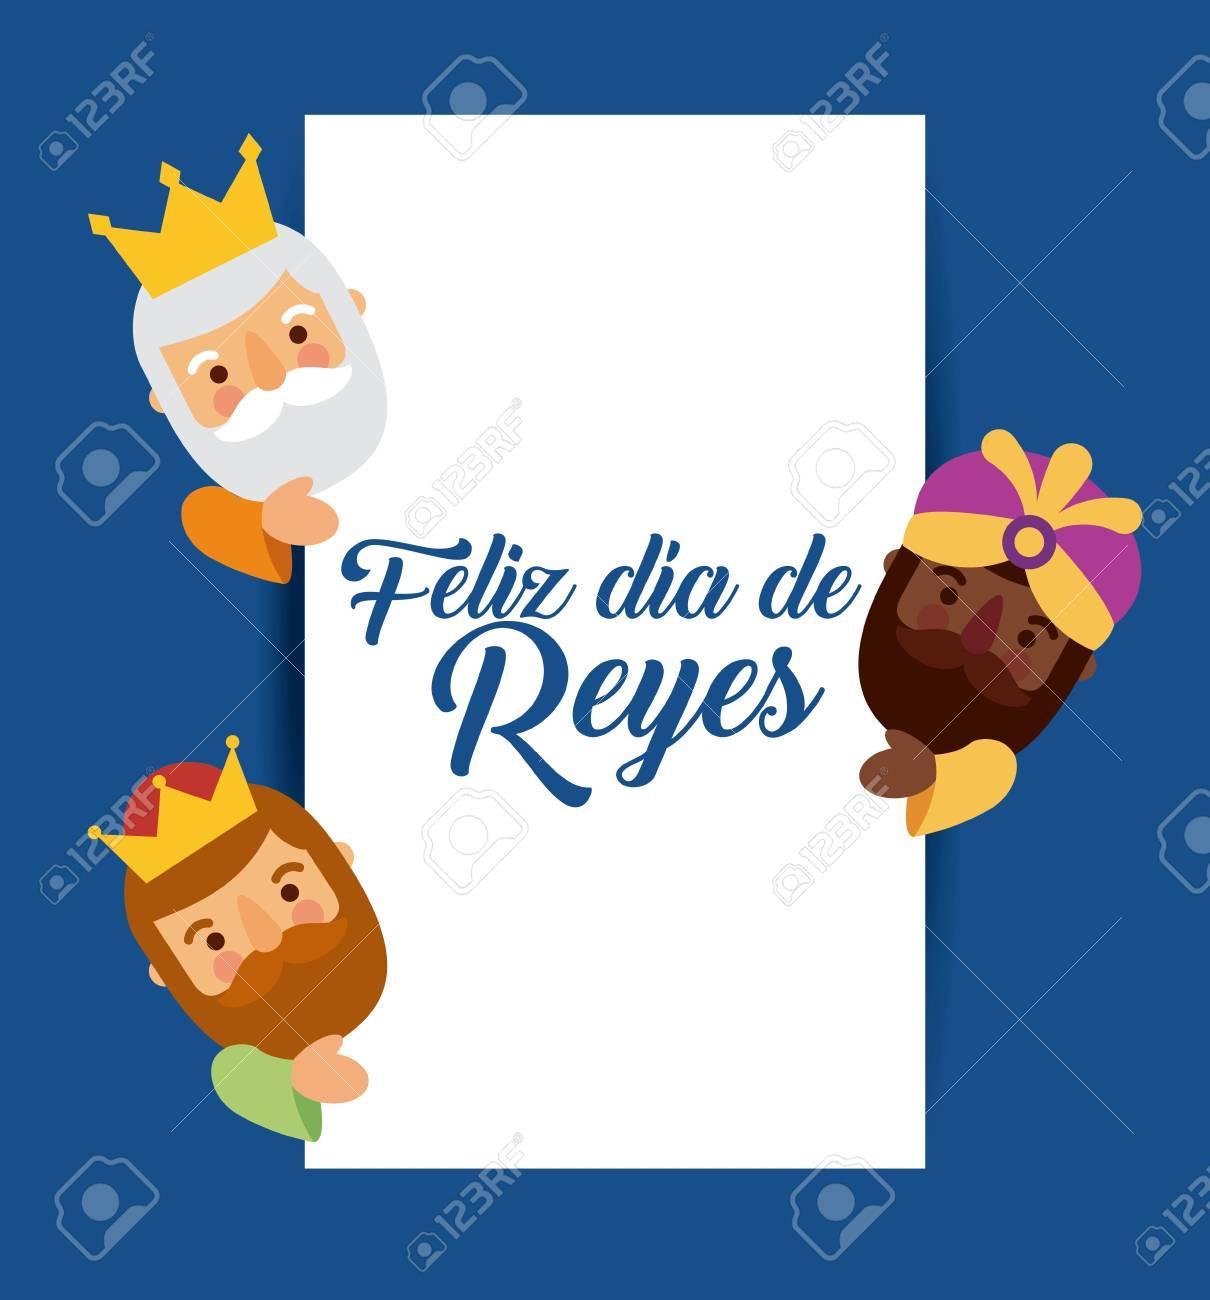 Feliz Dia De Reyes Fotos.Feliz Dia De Los Reyes Three Magic Kings Bring Presents To Jesus